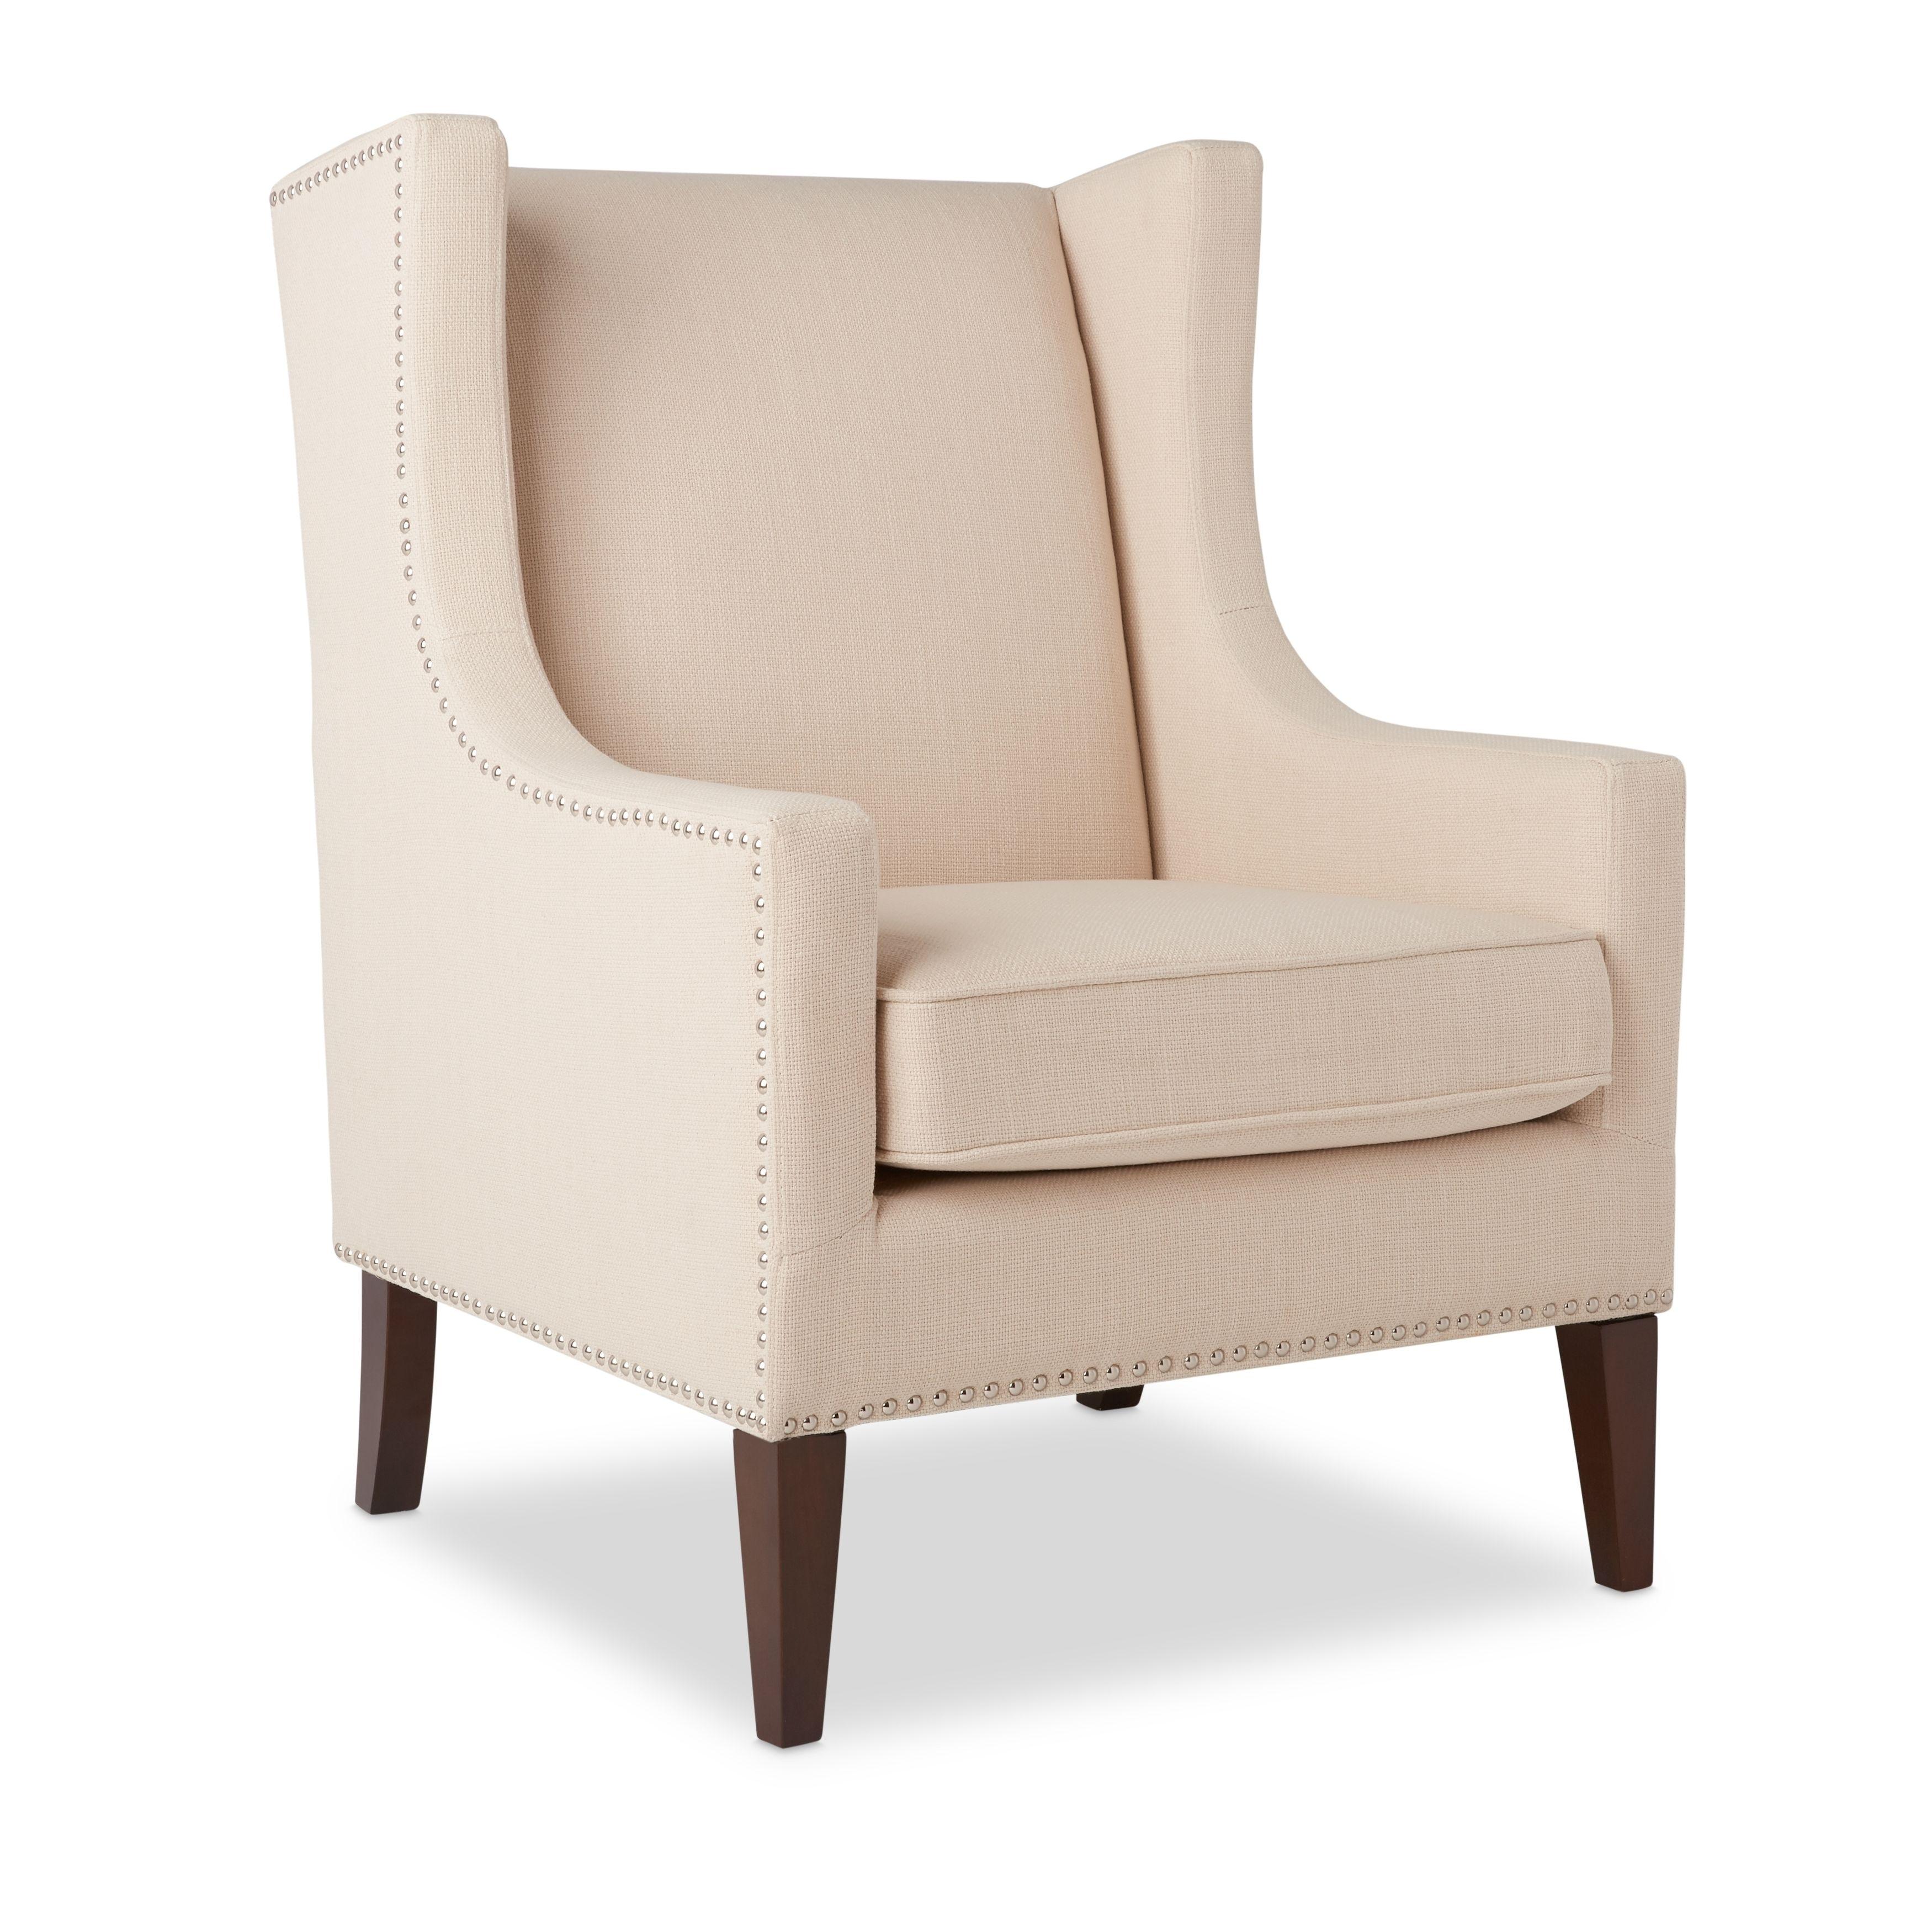 Wingback Stuhl Kissen Top Couchtisch Traditionellen Wingback Chair